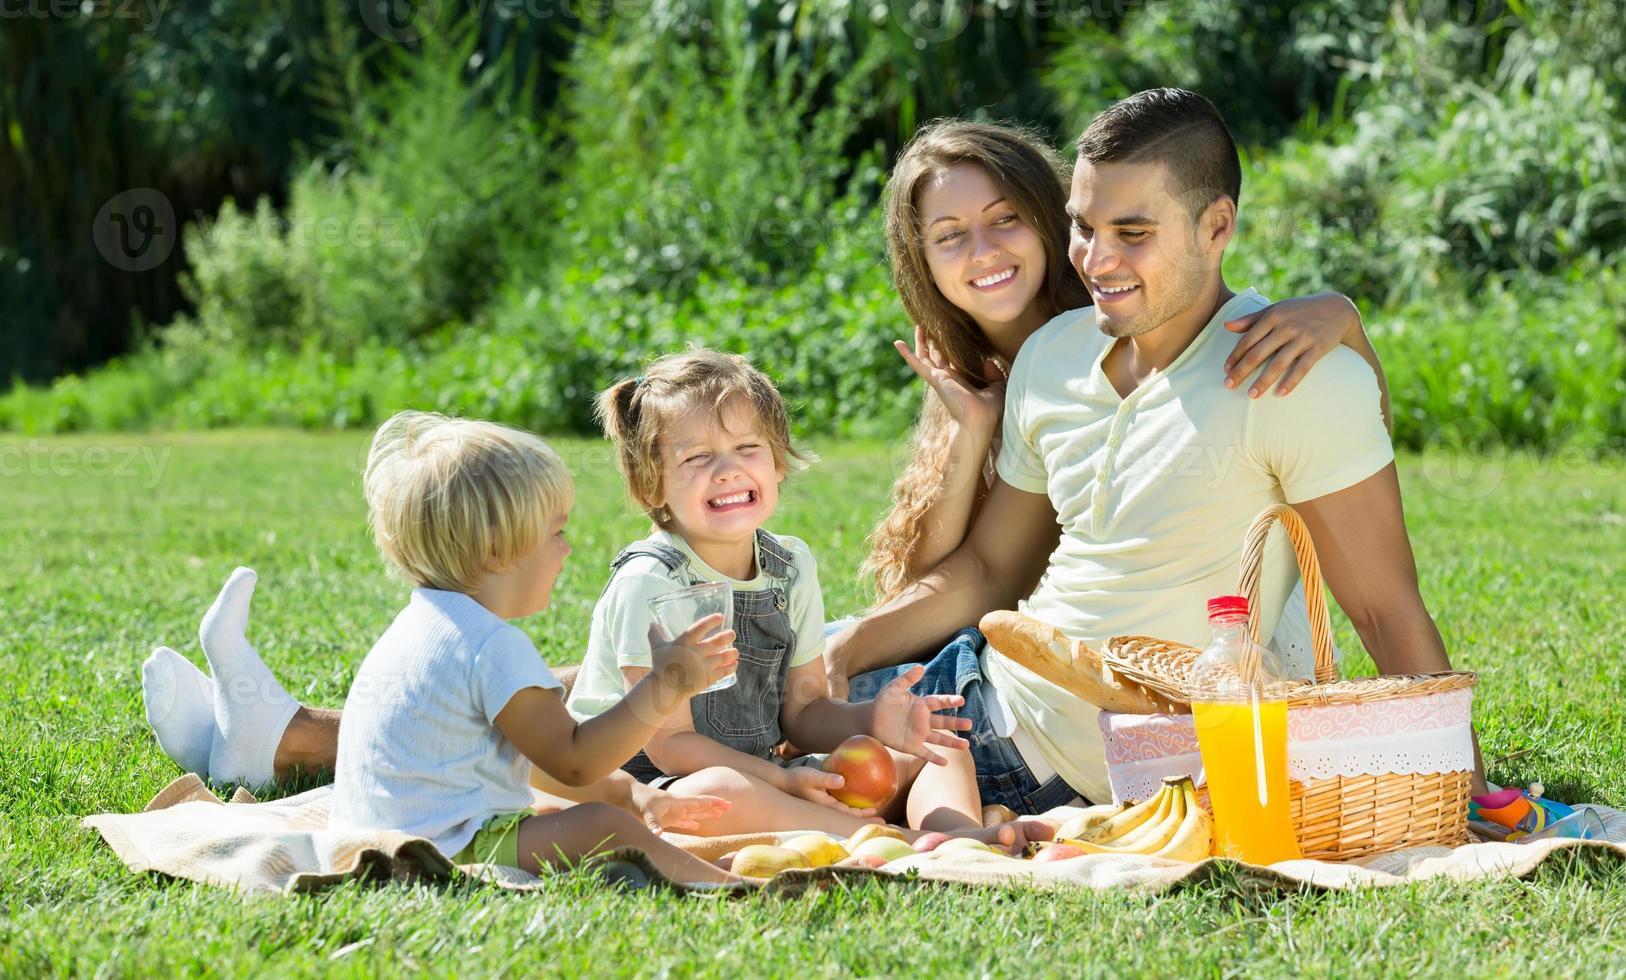 famiglia di quattro persone con picnic foto